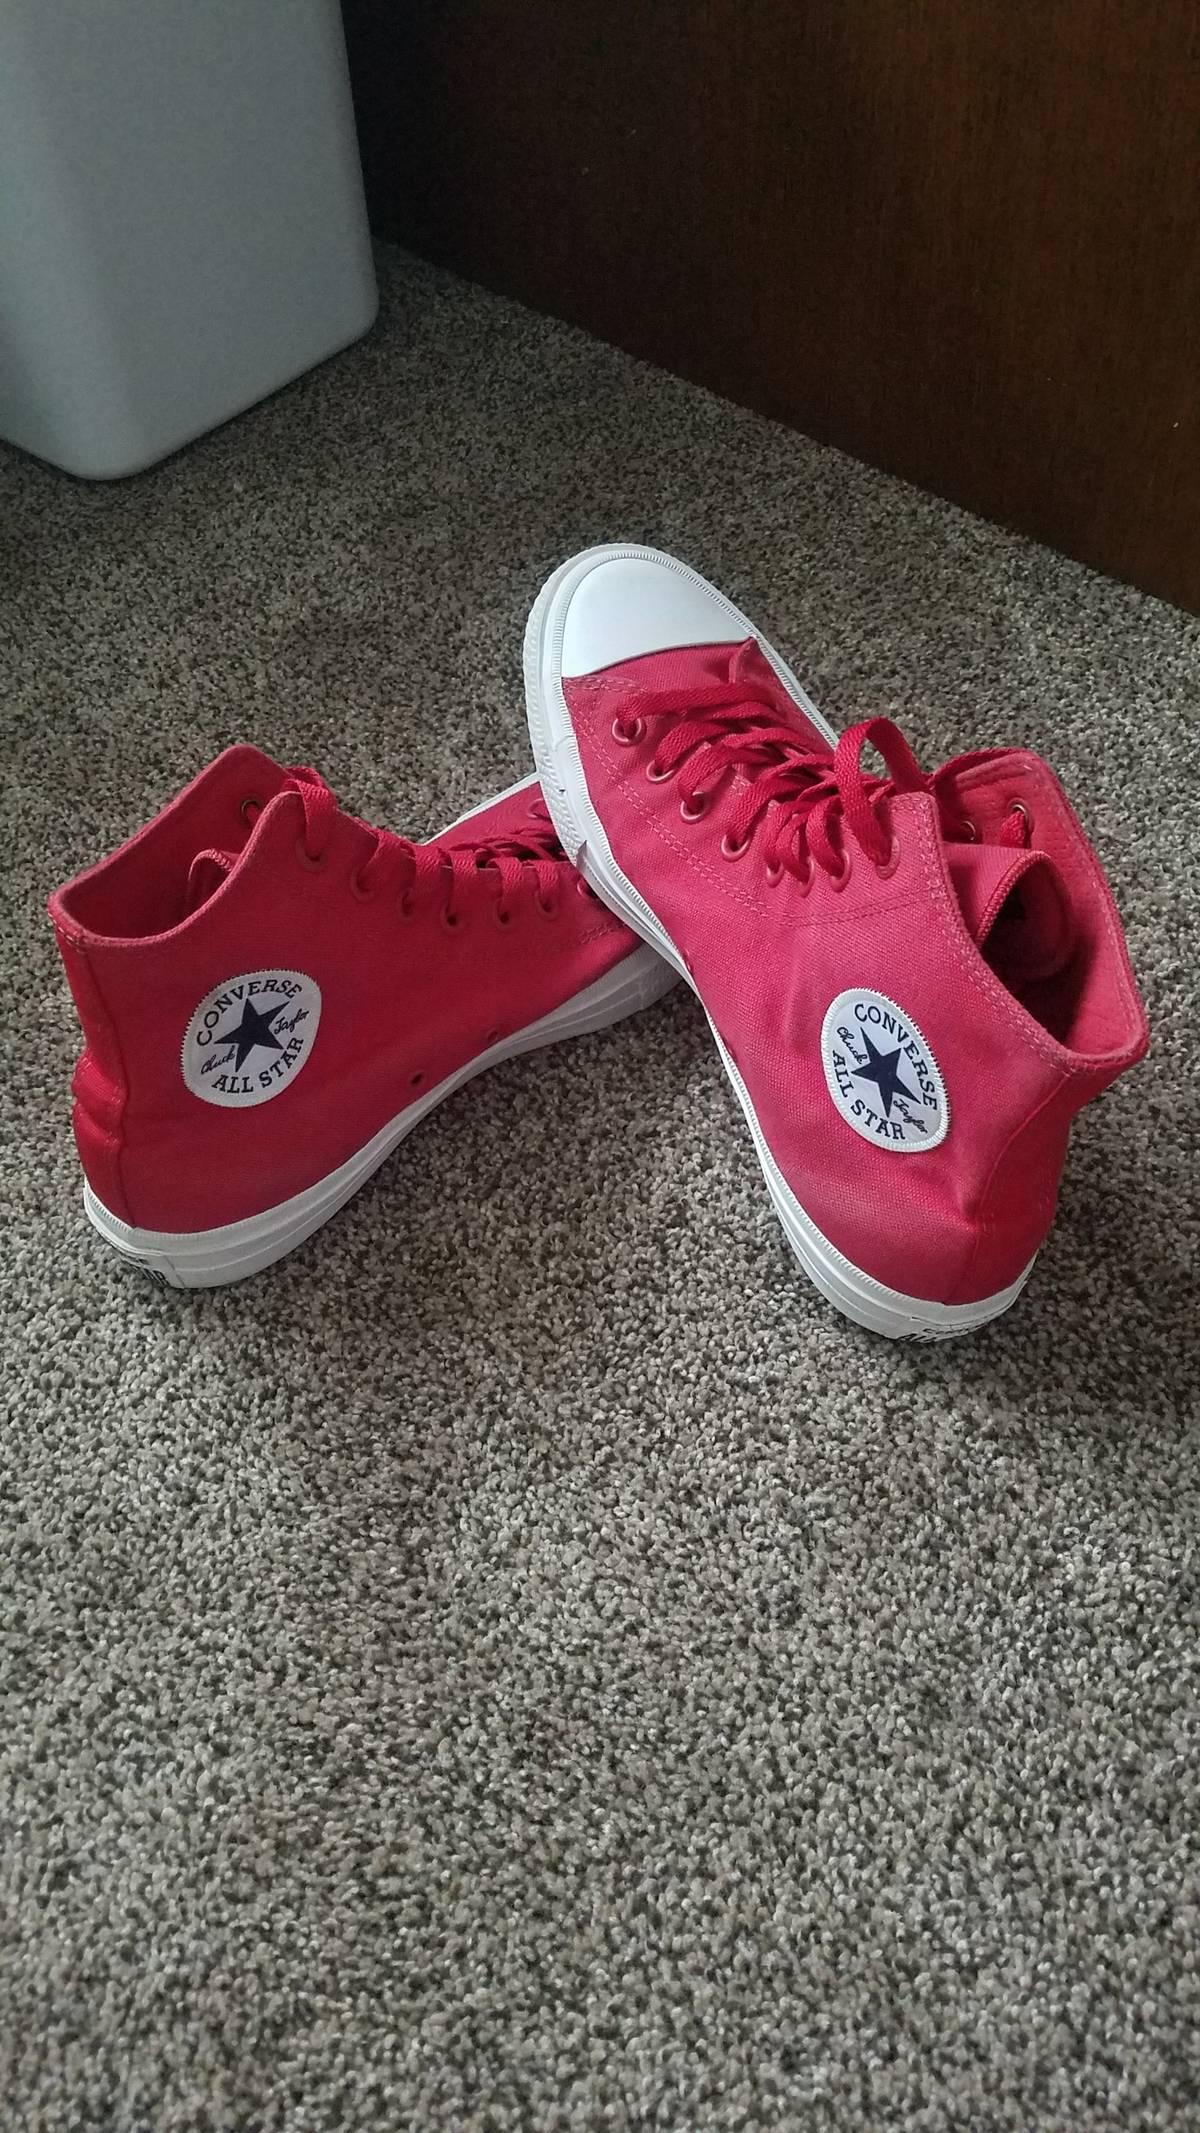 21f7c7f2a9e227 Chuck Taylor ×. Red Converse All Star 2